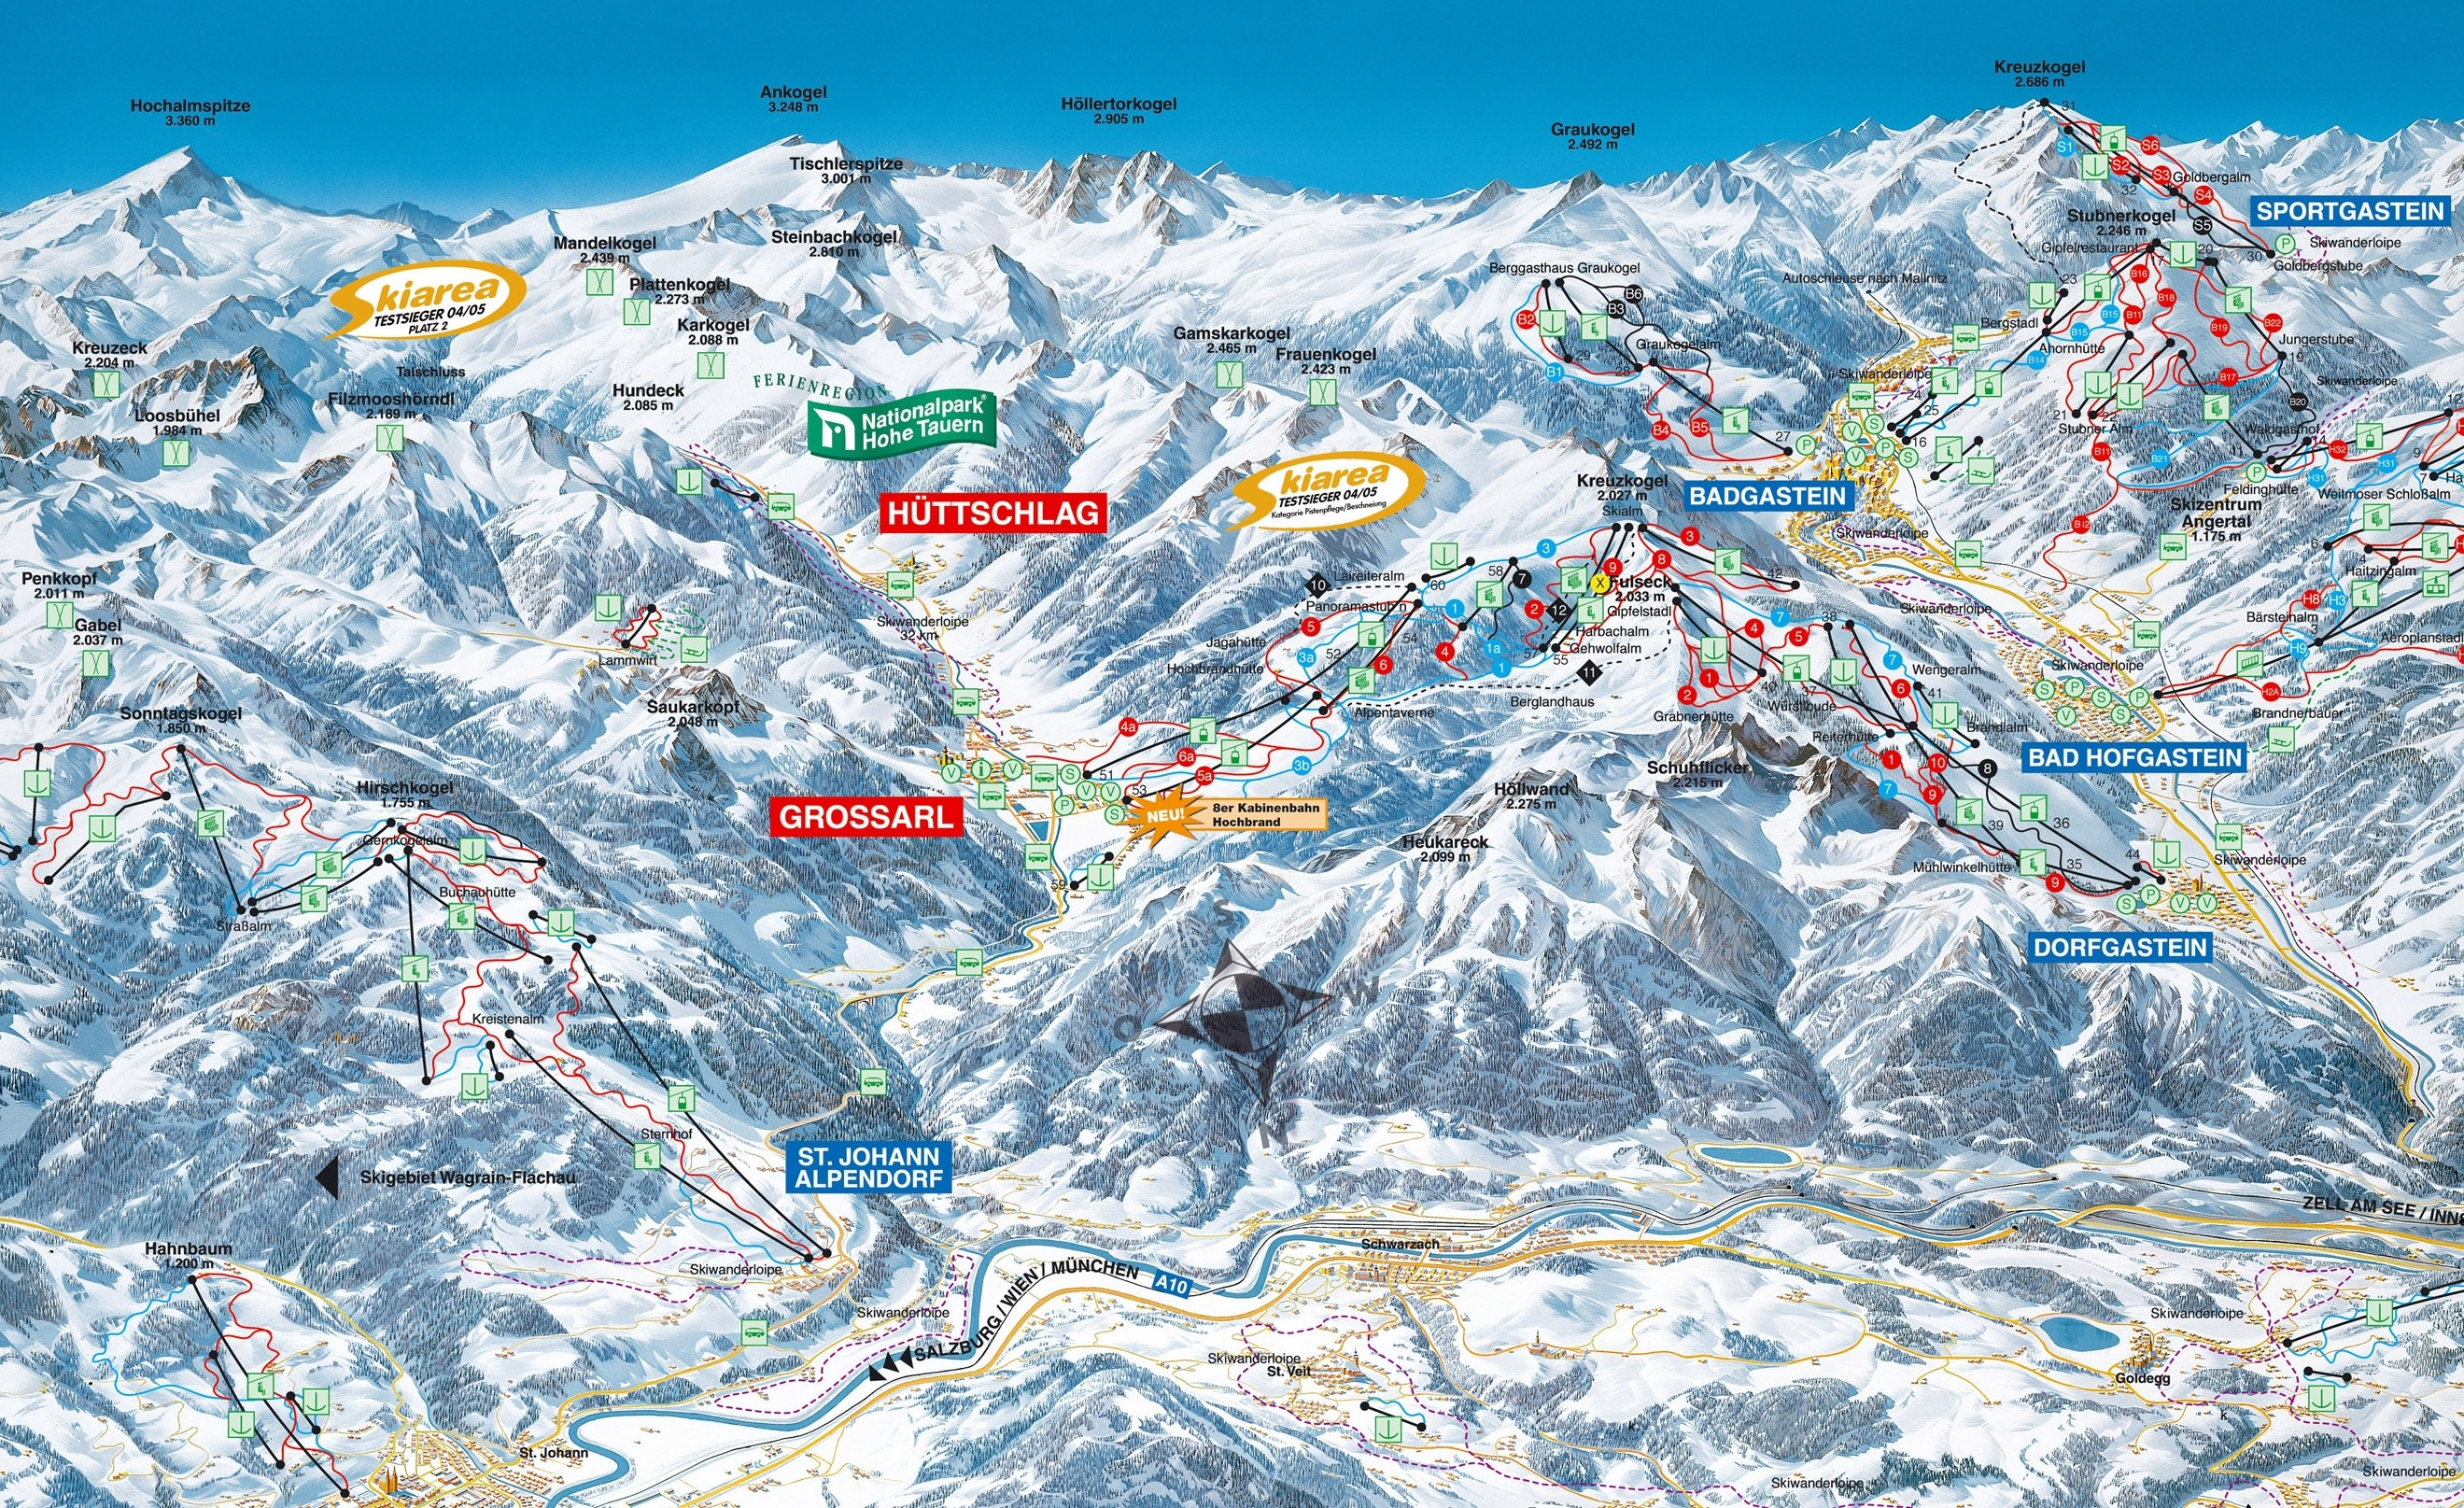 h ttschlag salzburger land skigebiet gro arltal dorfgastein skigebiet pistenplan piste. Black Bedroom Furniture Sets. Home Design Ideas